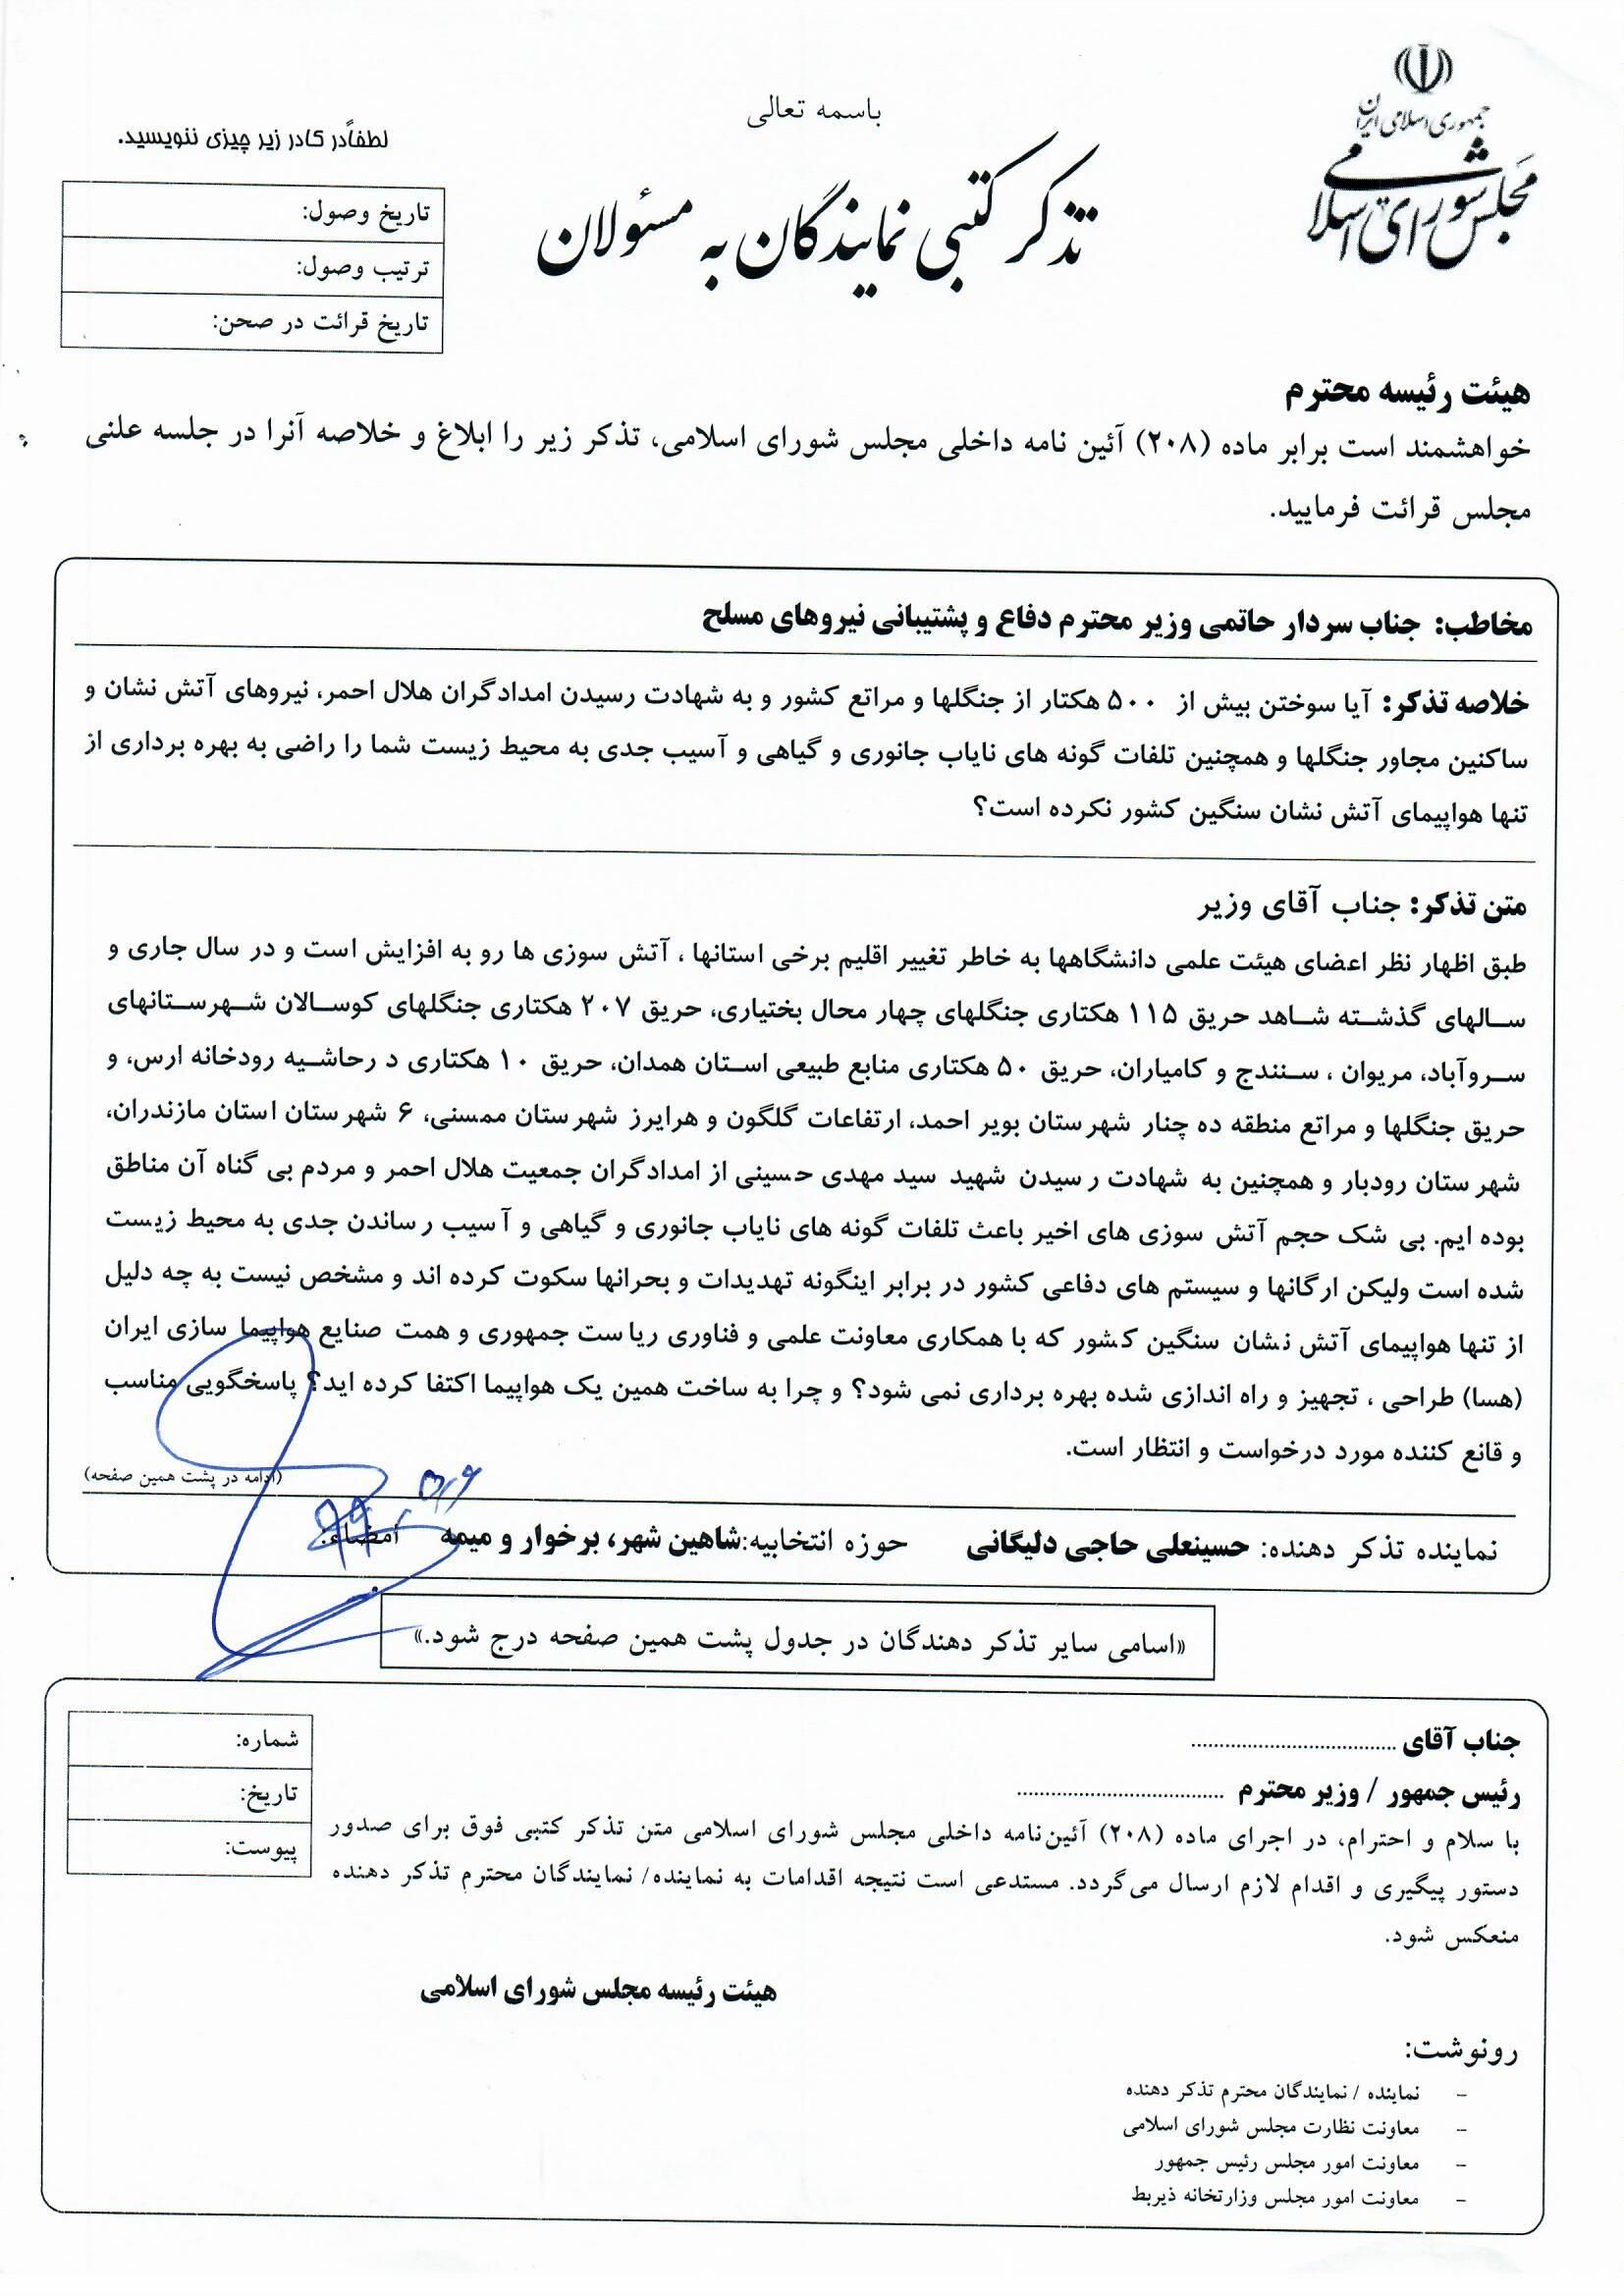 تذکر کتبی آقای حاجی به وزیر دفاع